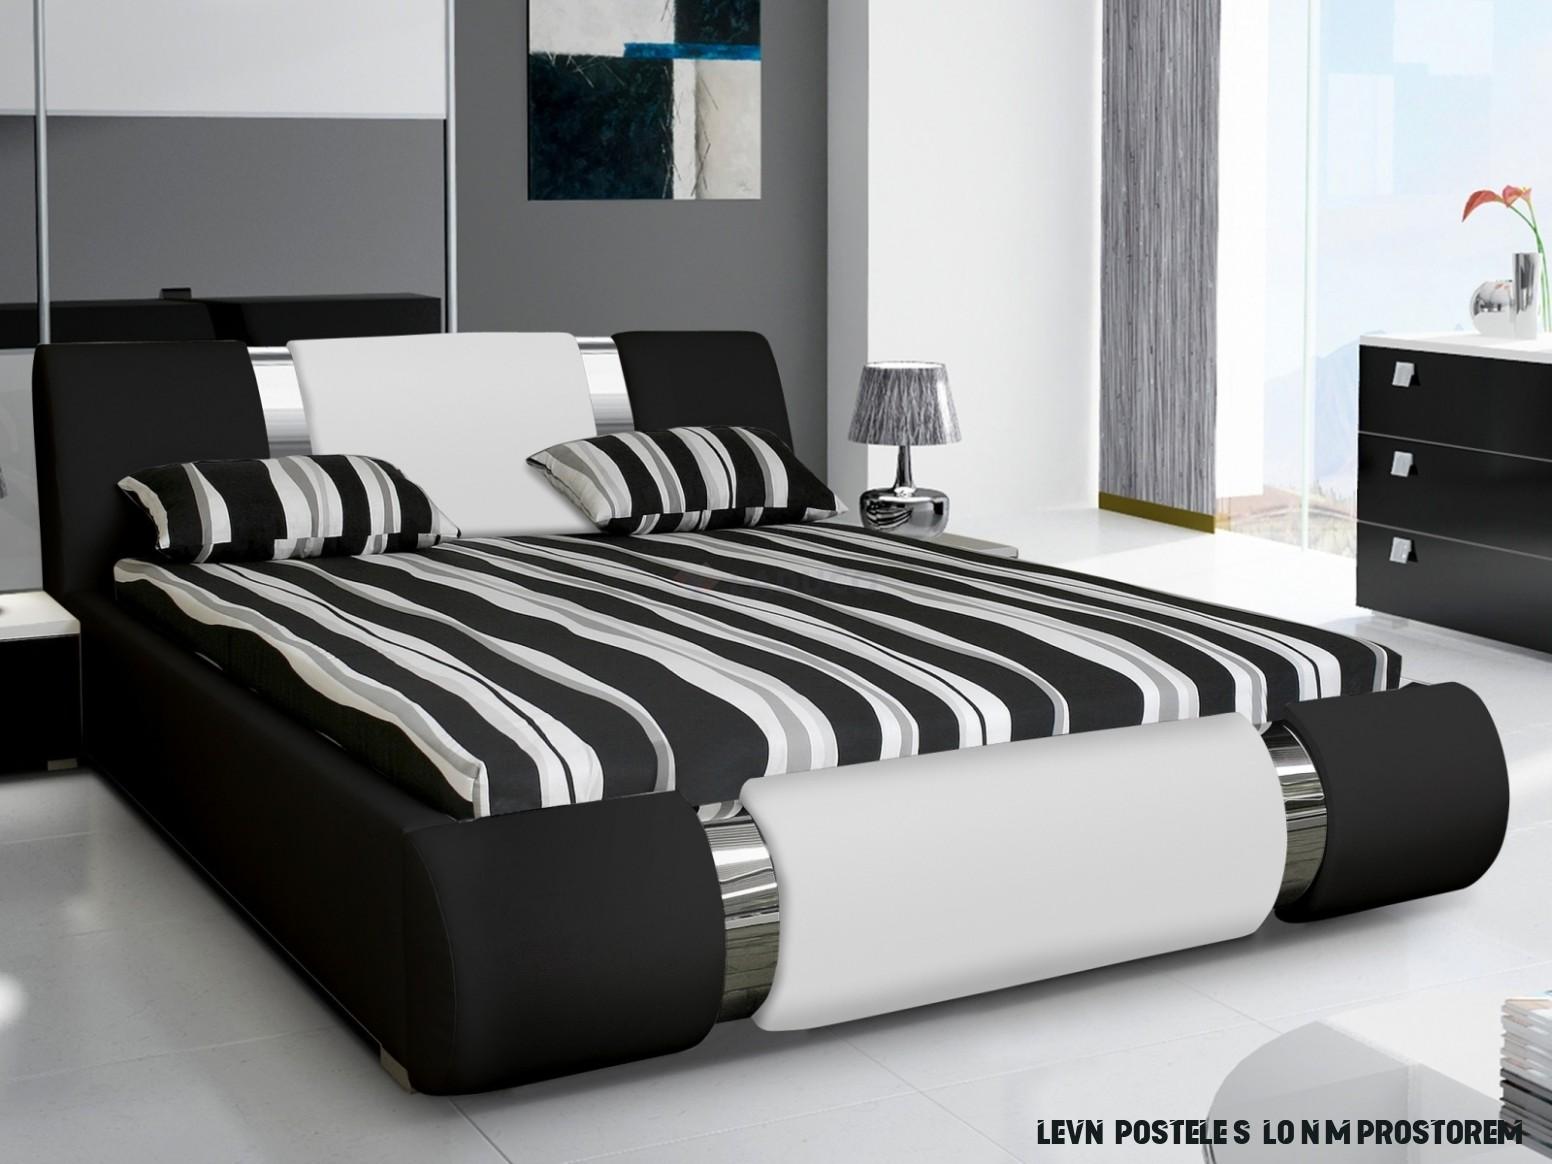 Moderní čalouněná postel CLEMENTIA 17x17 cm s roštem, úložným